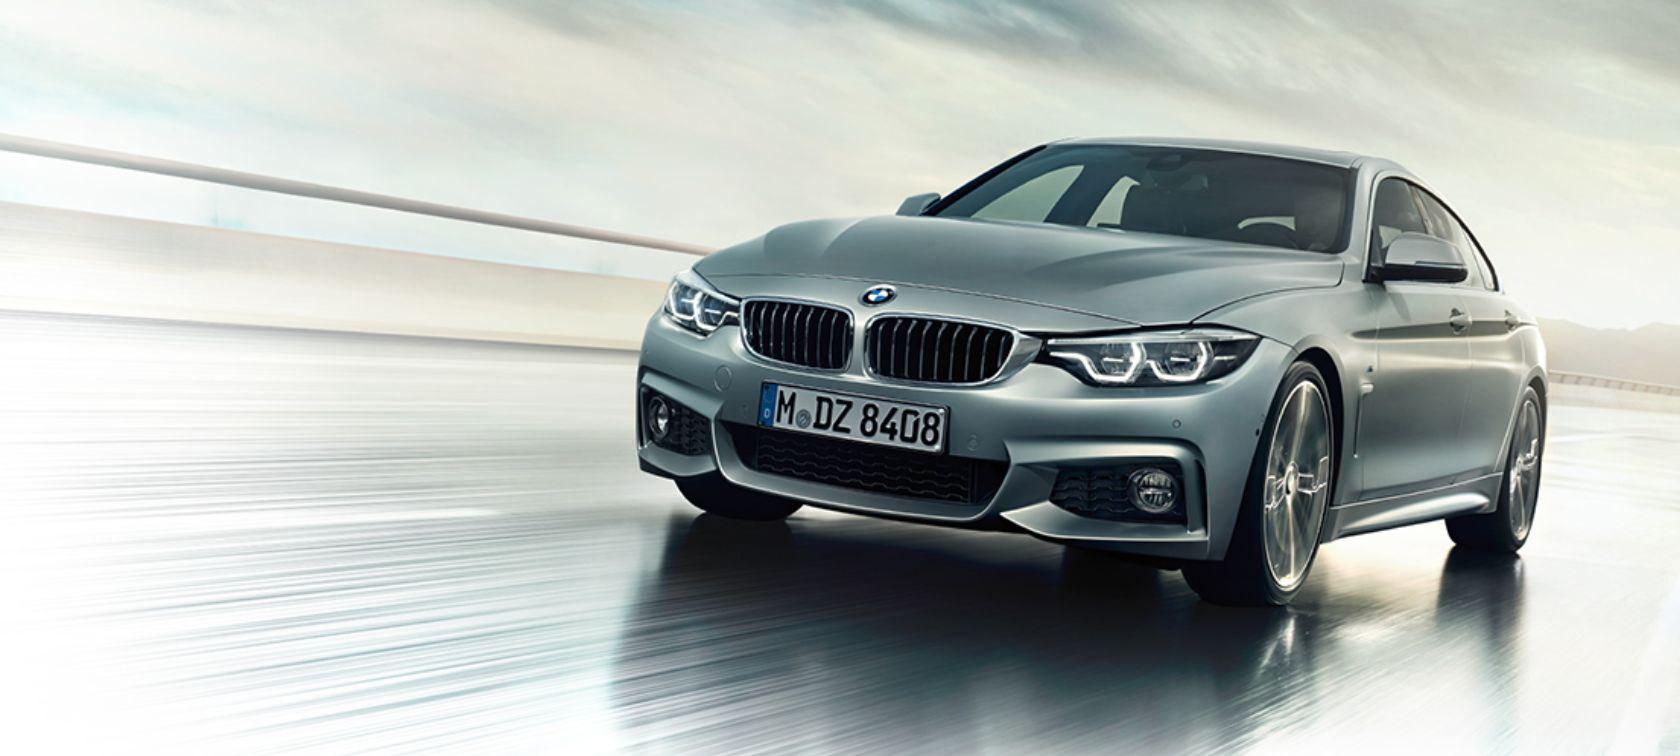 Młodzieńczy Cennik oraz warunki wynajmu samochodów zastępczych BMW. | Dealer OC23